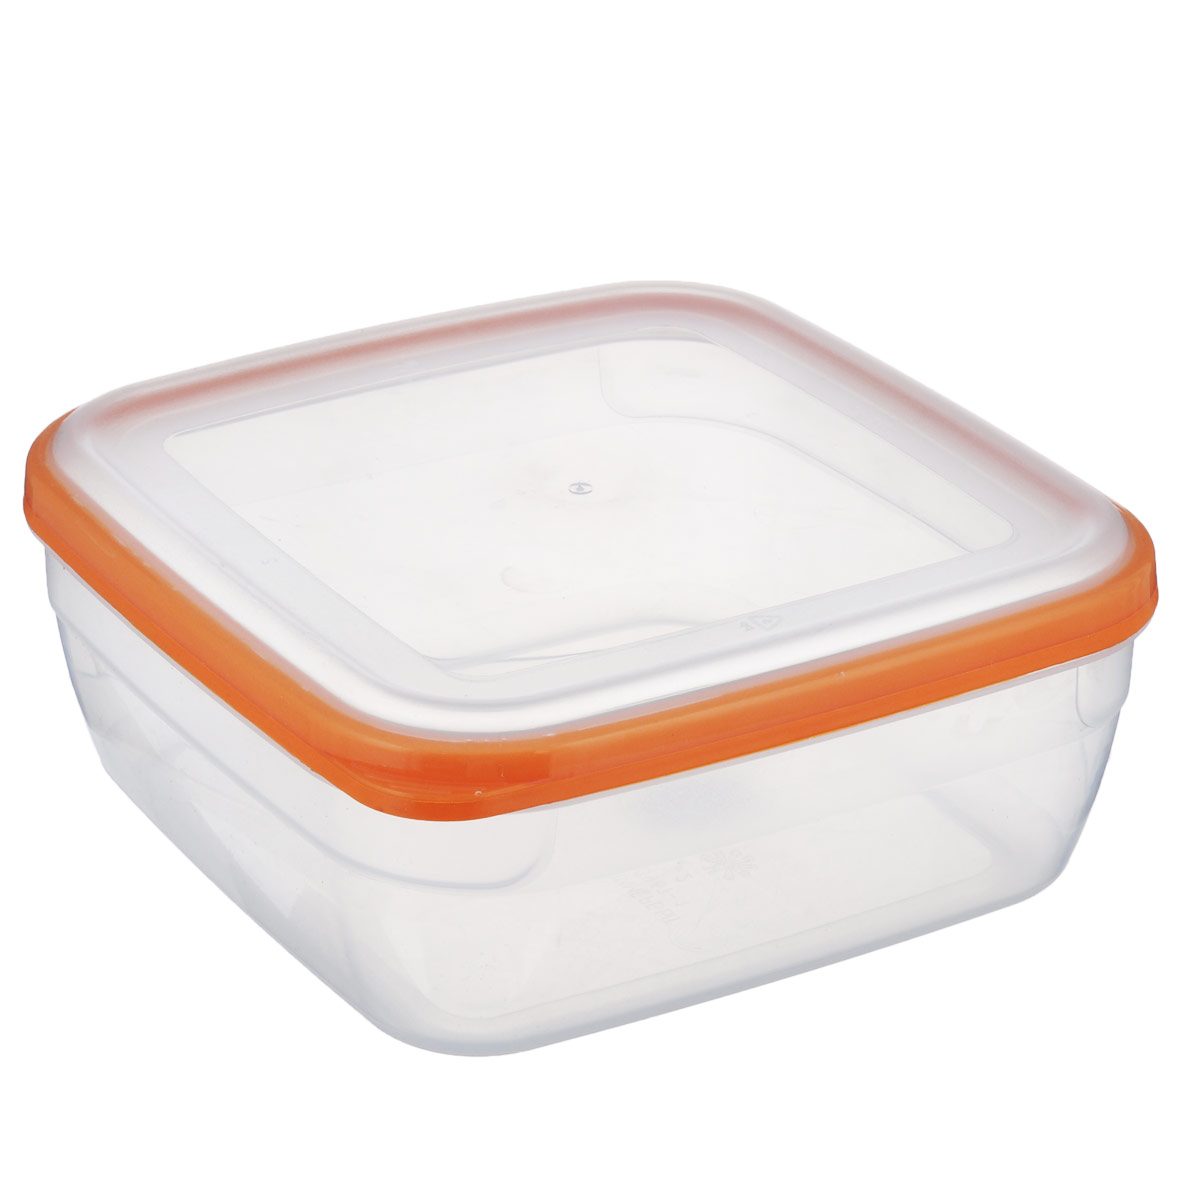 Контейнер Полимербыт Премиум, цвет: прозрачный, оранжевый, 2,2 лVT-1520(SR)Контейнер Полимербыт Премиум квадратной формы, изготовленный из прочного пластика, предназначен специально для хранения пищевых продуктов. Крышка легко открывается и плотно закрывается.Контейнер устойчив к воздействию масел и жиров, легко моется. Прозрачные стенки позволяют видеть содержимое. Контейнер имеет возможность хранения продуктов глубокой заморозки, обладает высокой прочностью. Можно мыть в посудомоечной машине. Подходит для использования в микроволновых печах.